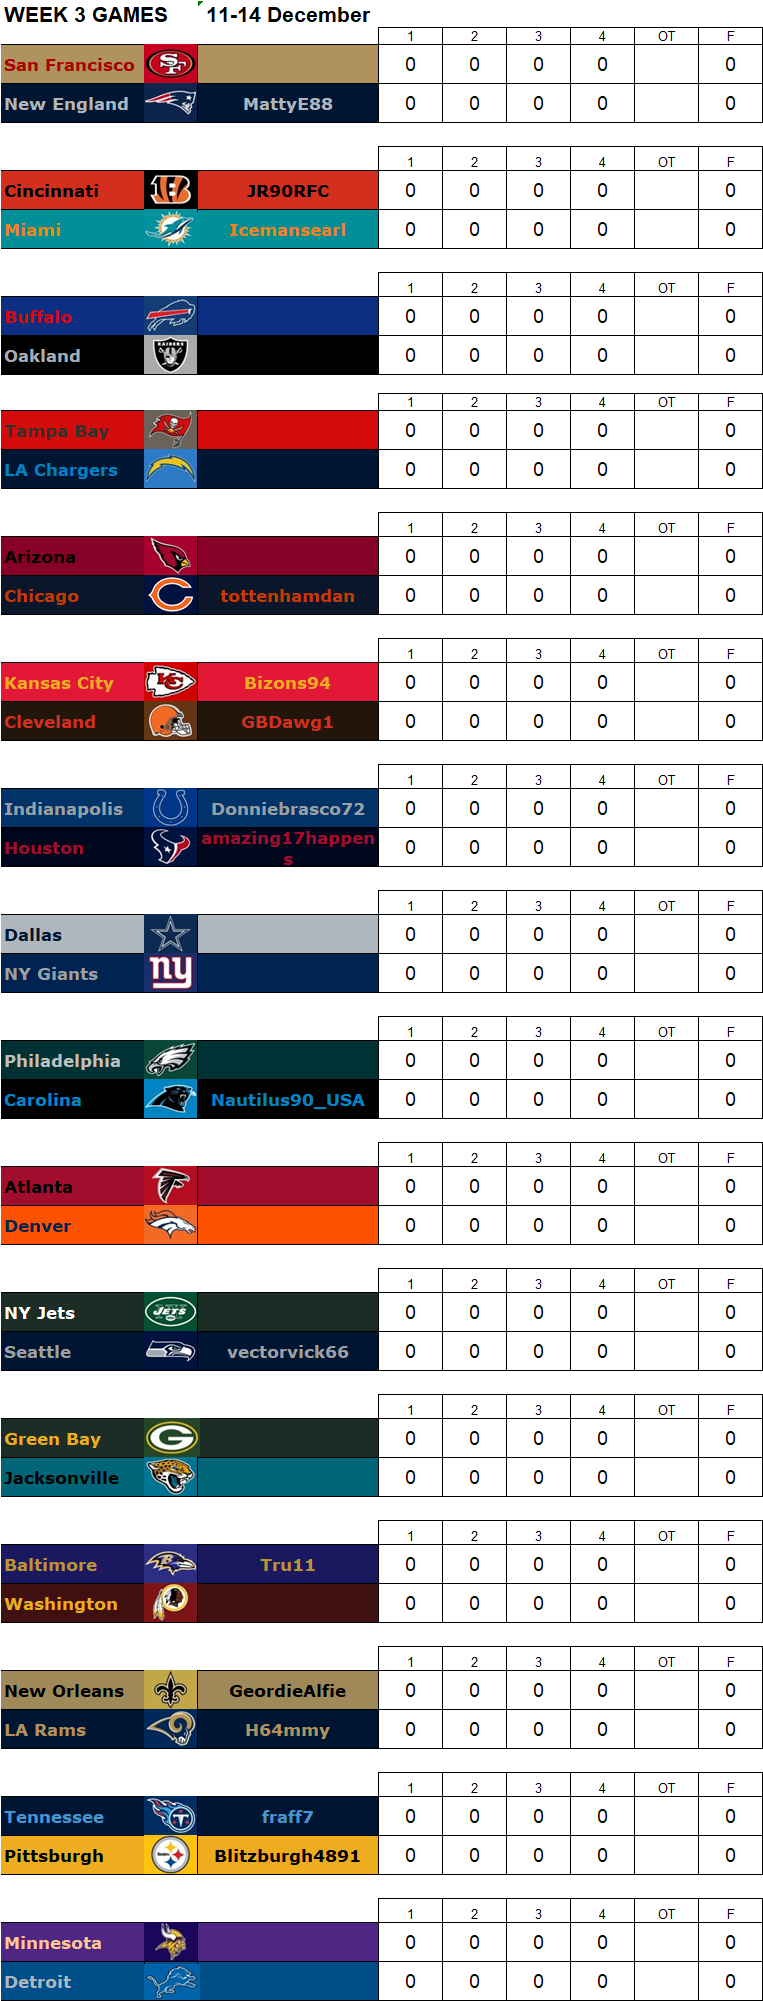 Week 3 Regular Season Matchups, 11-14 December W3g18